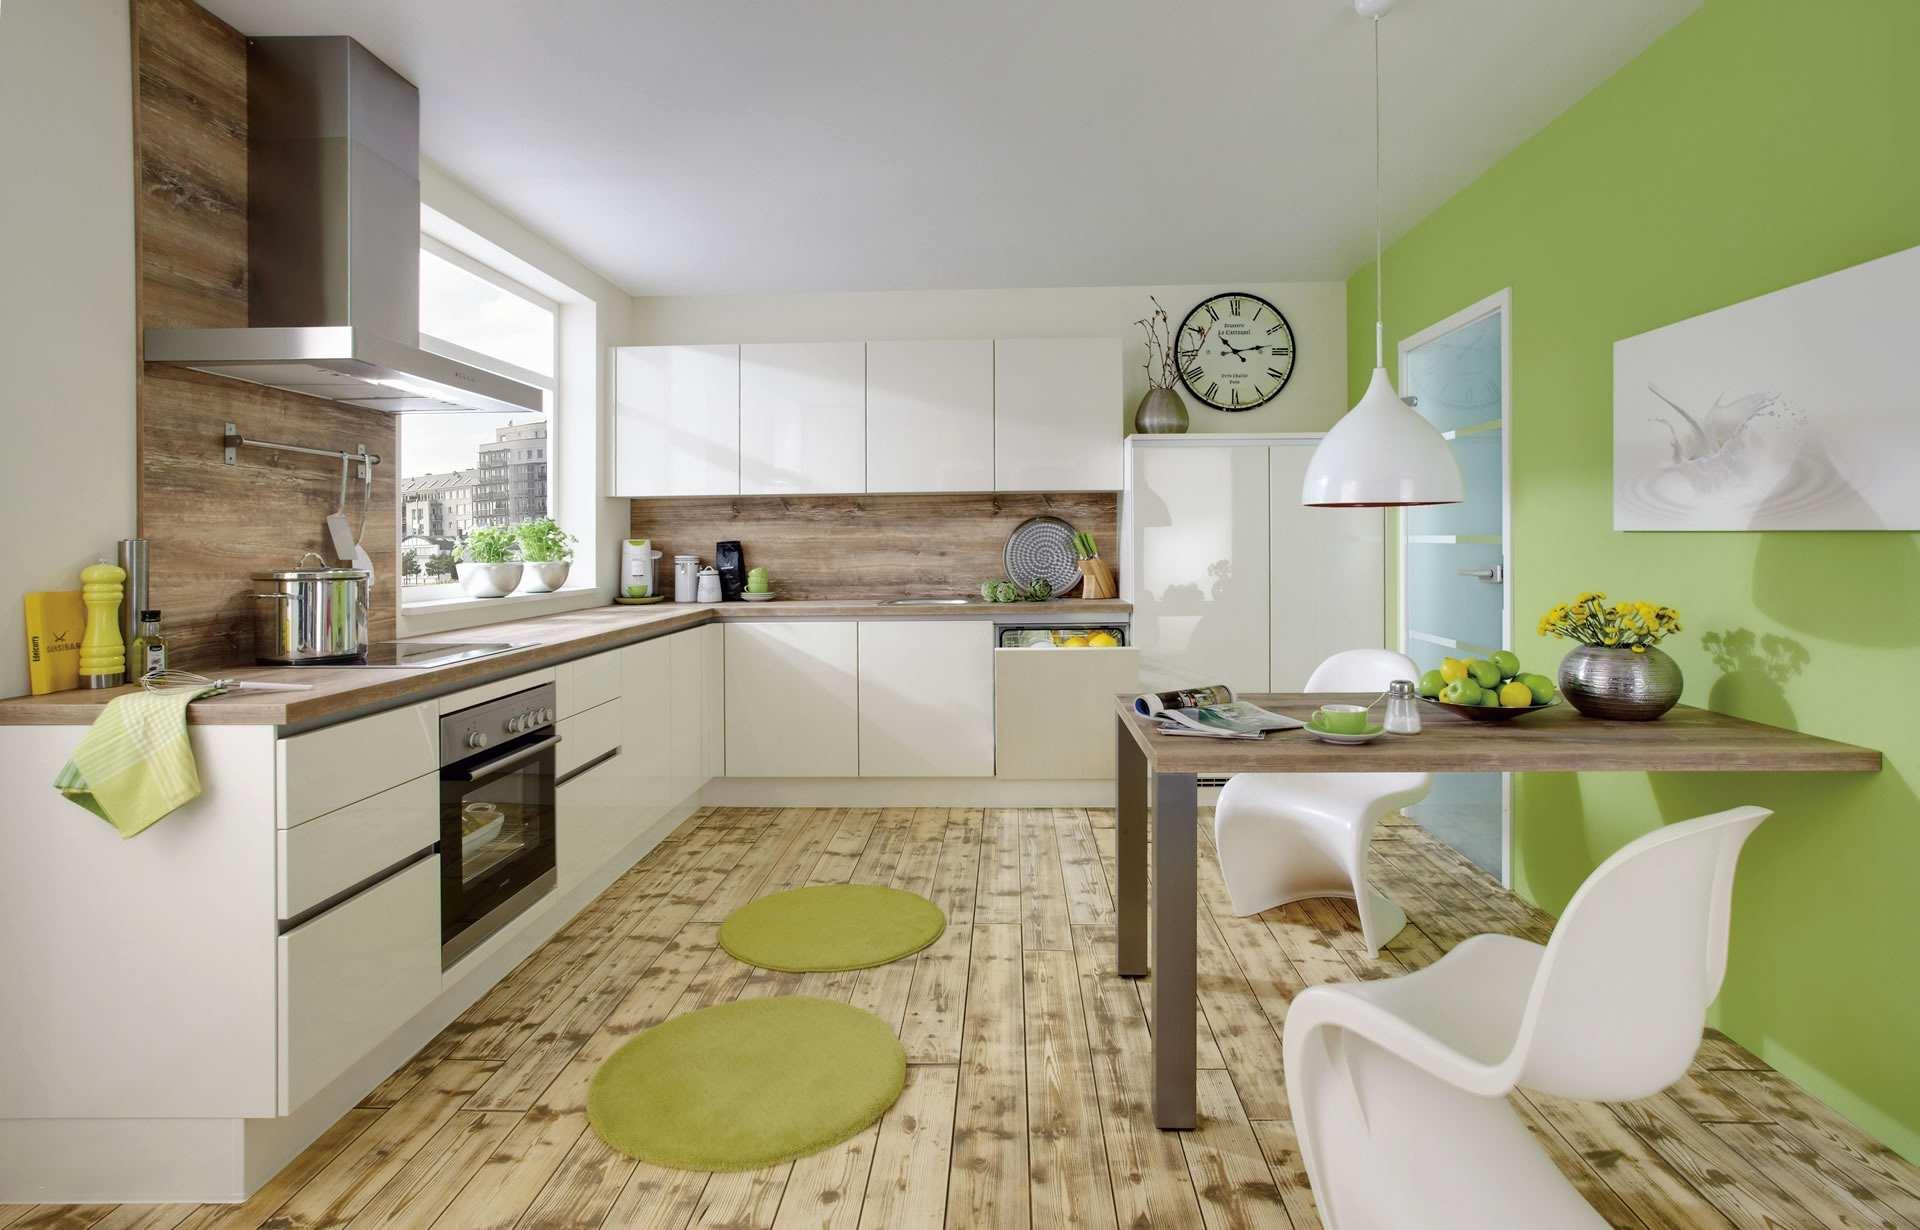 Full Size of Wandfarben Für Küche Kche Farbe Wand Inspirierend Streichen Farbideen Fotos Abluftventilator Schwingtür Weiß Hochglanz Led Beleuchtung Wohnzimmer Wandfarben Für Küche